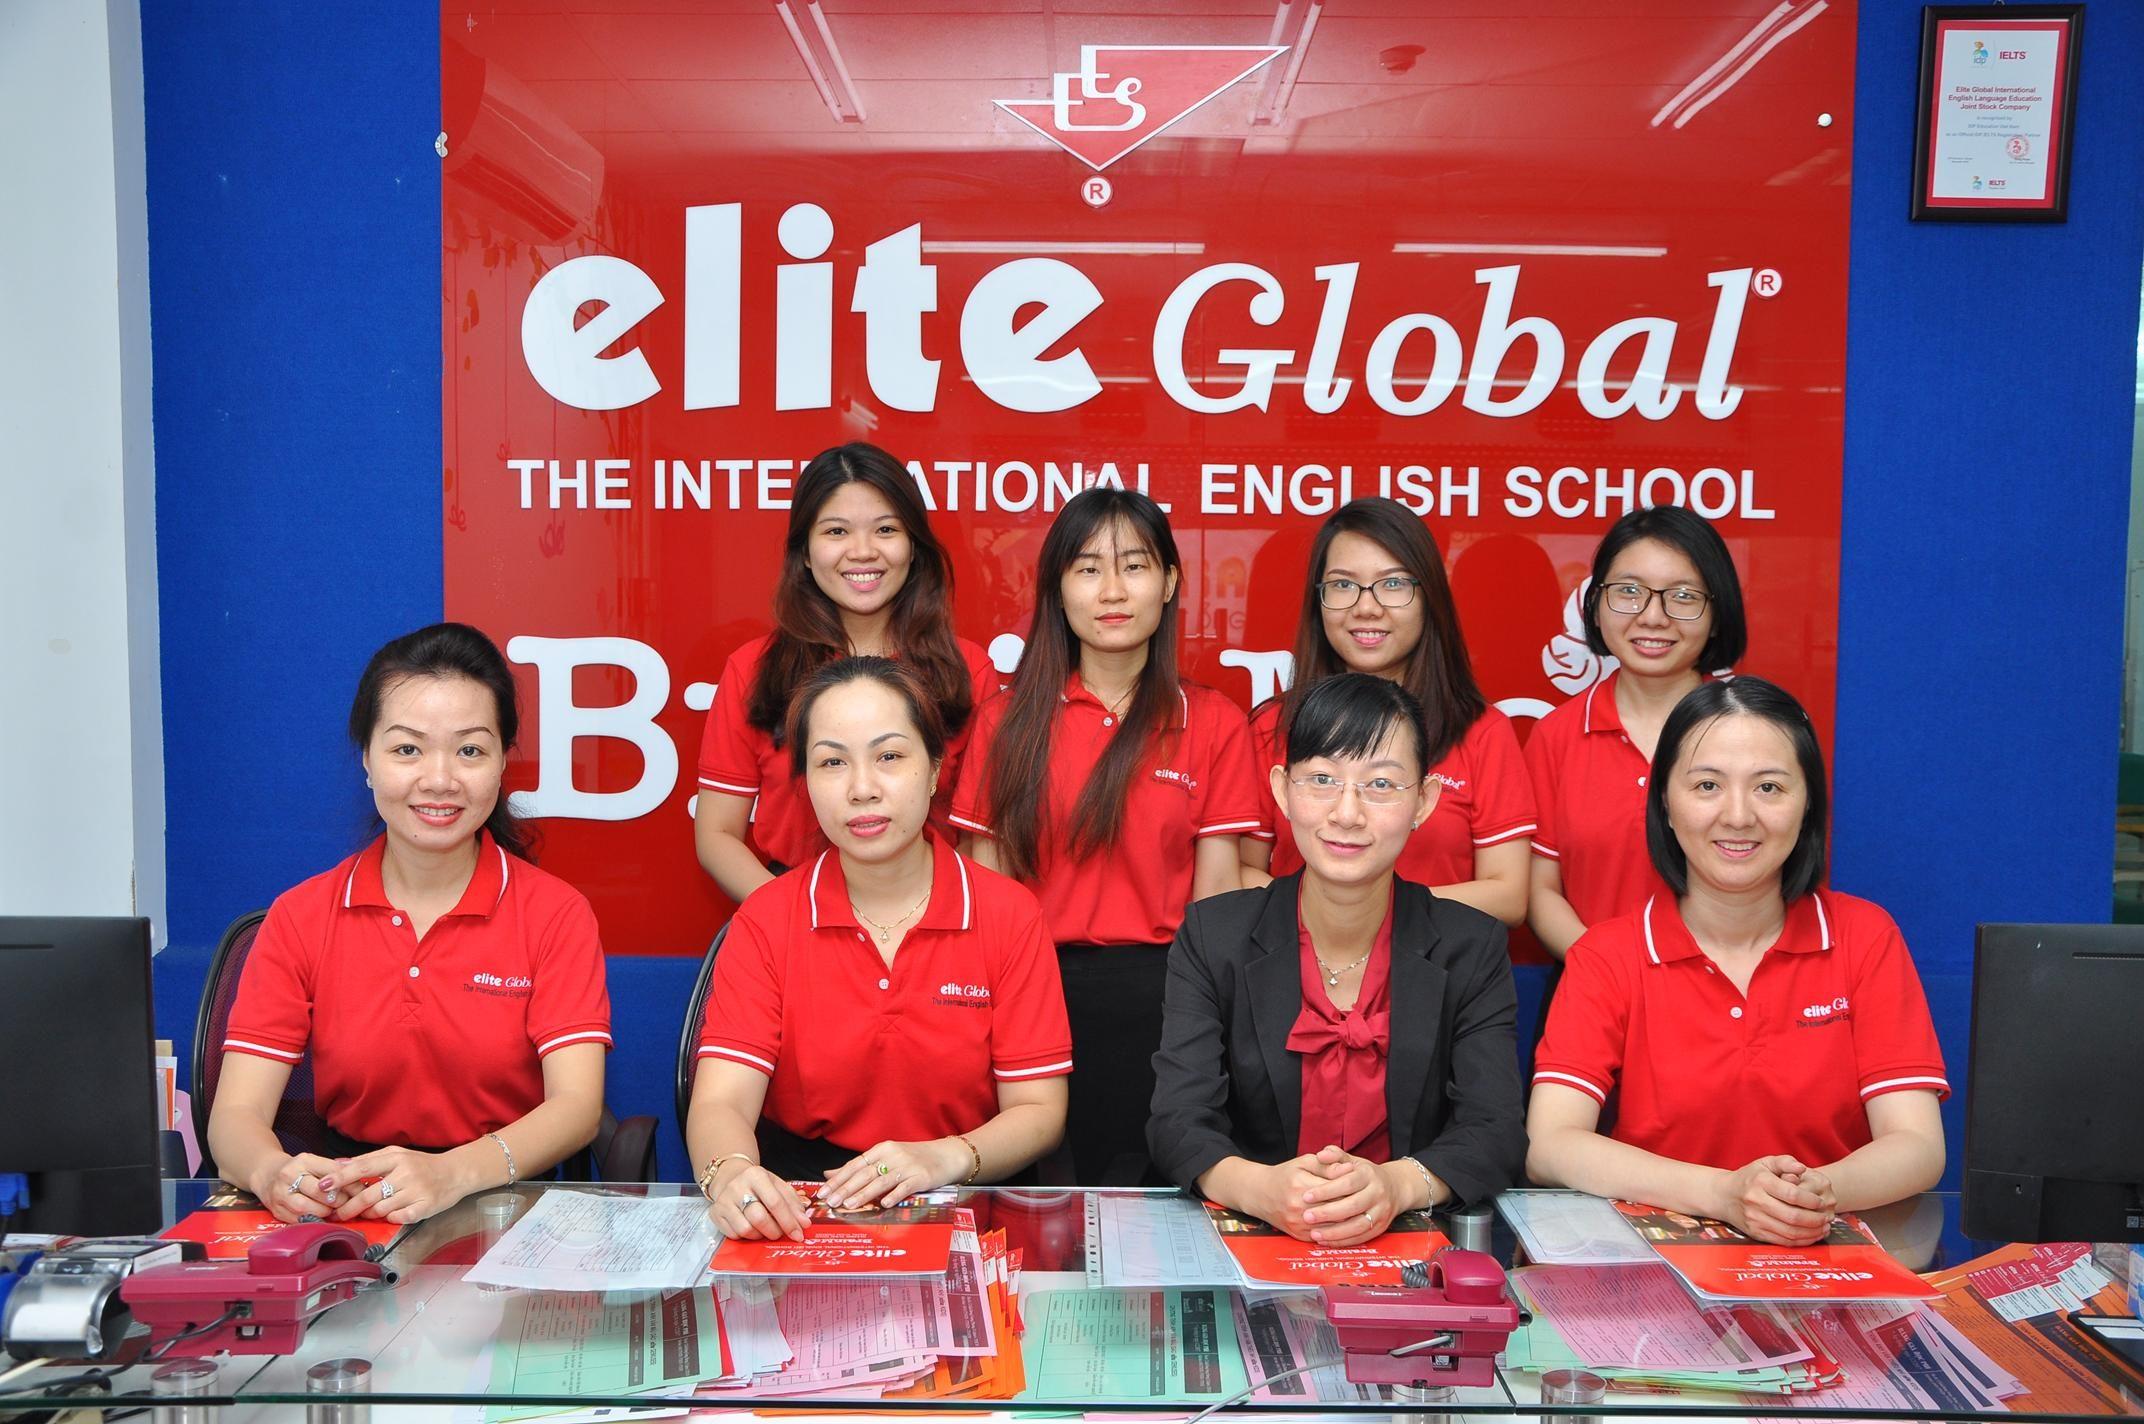 Trung tâm anh ngữ quốc tế Elite Global